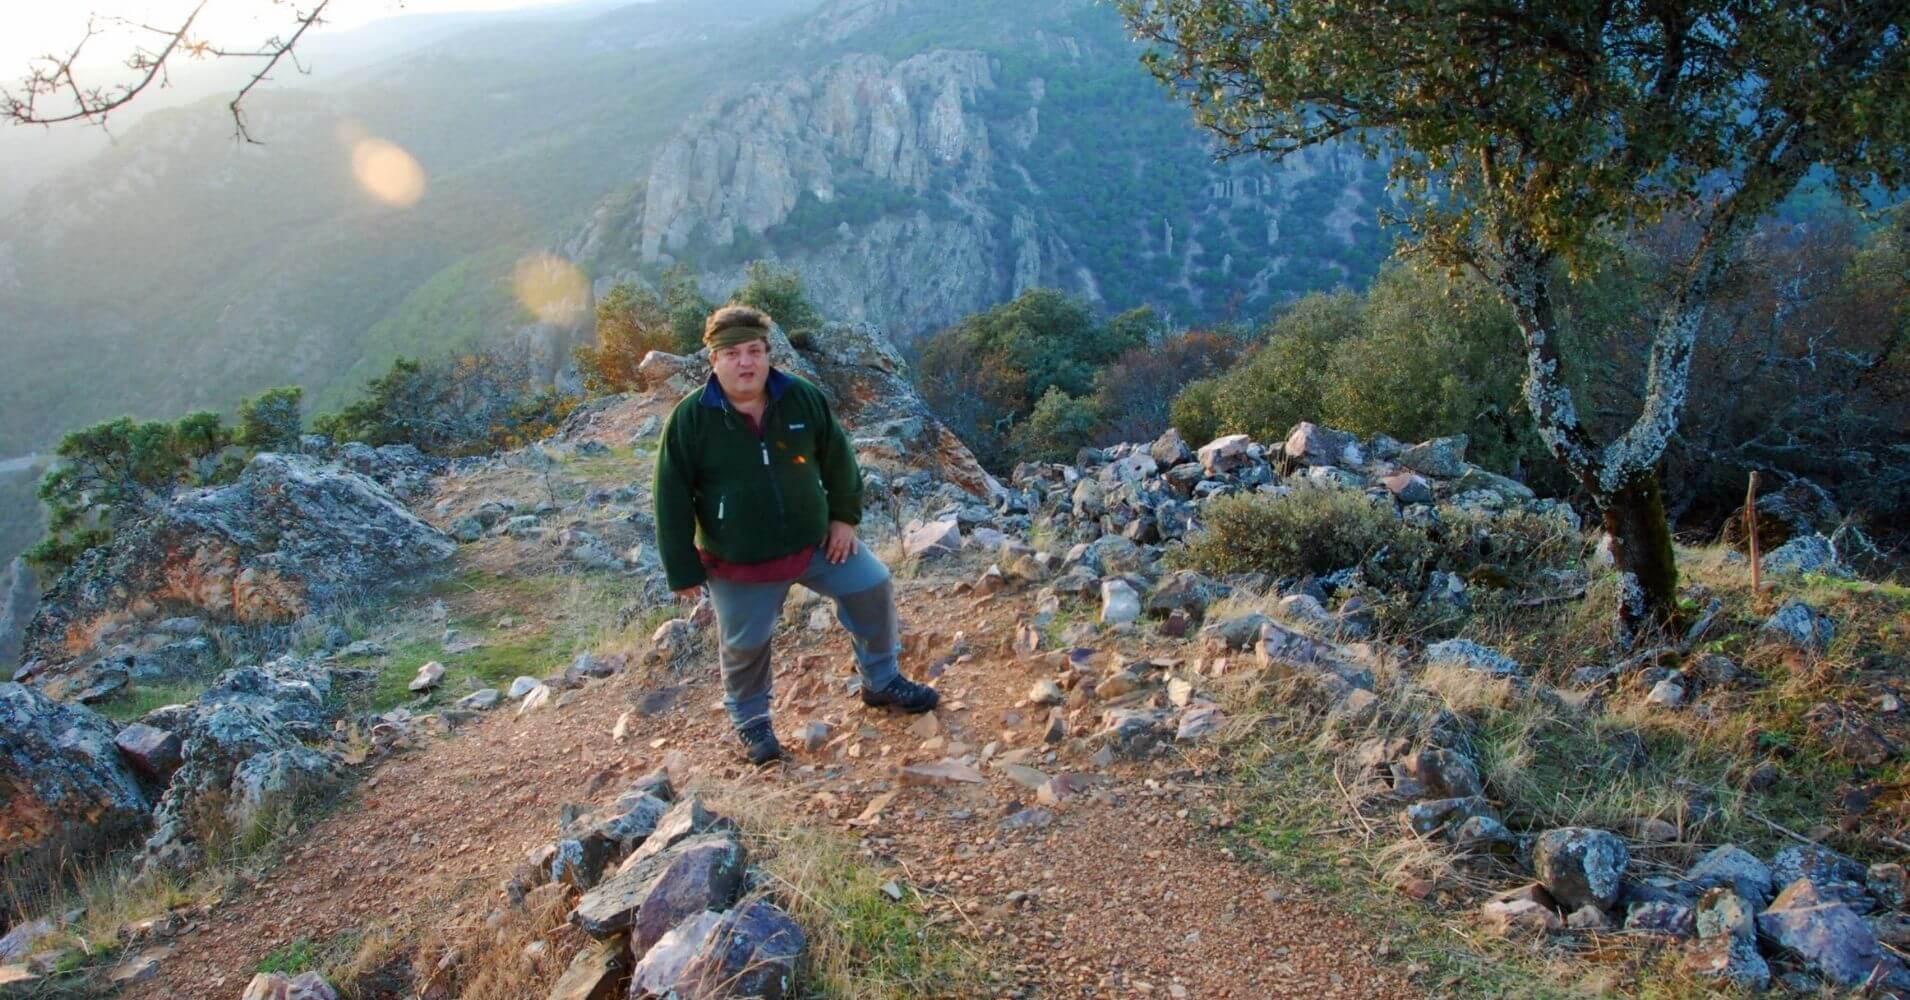 Subida al cerro del Castillo. Parque Natural de Despeñaperros. Jaén.